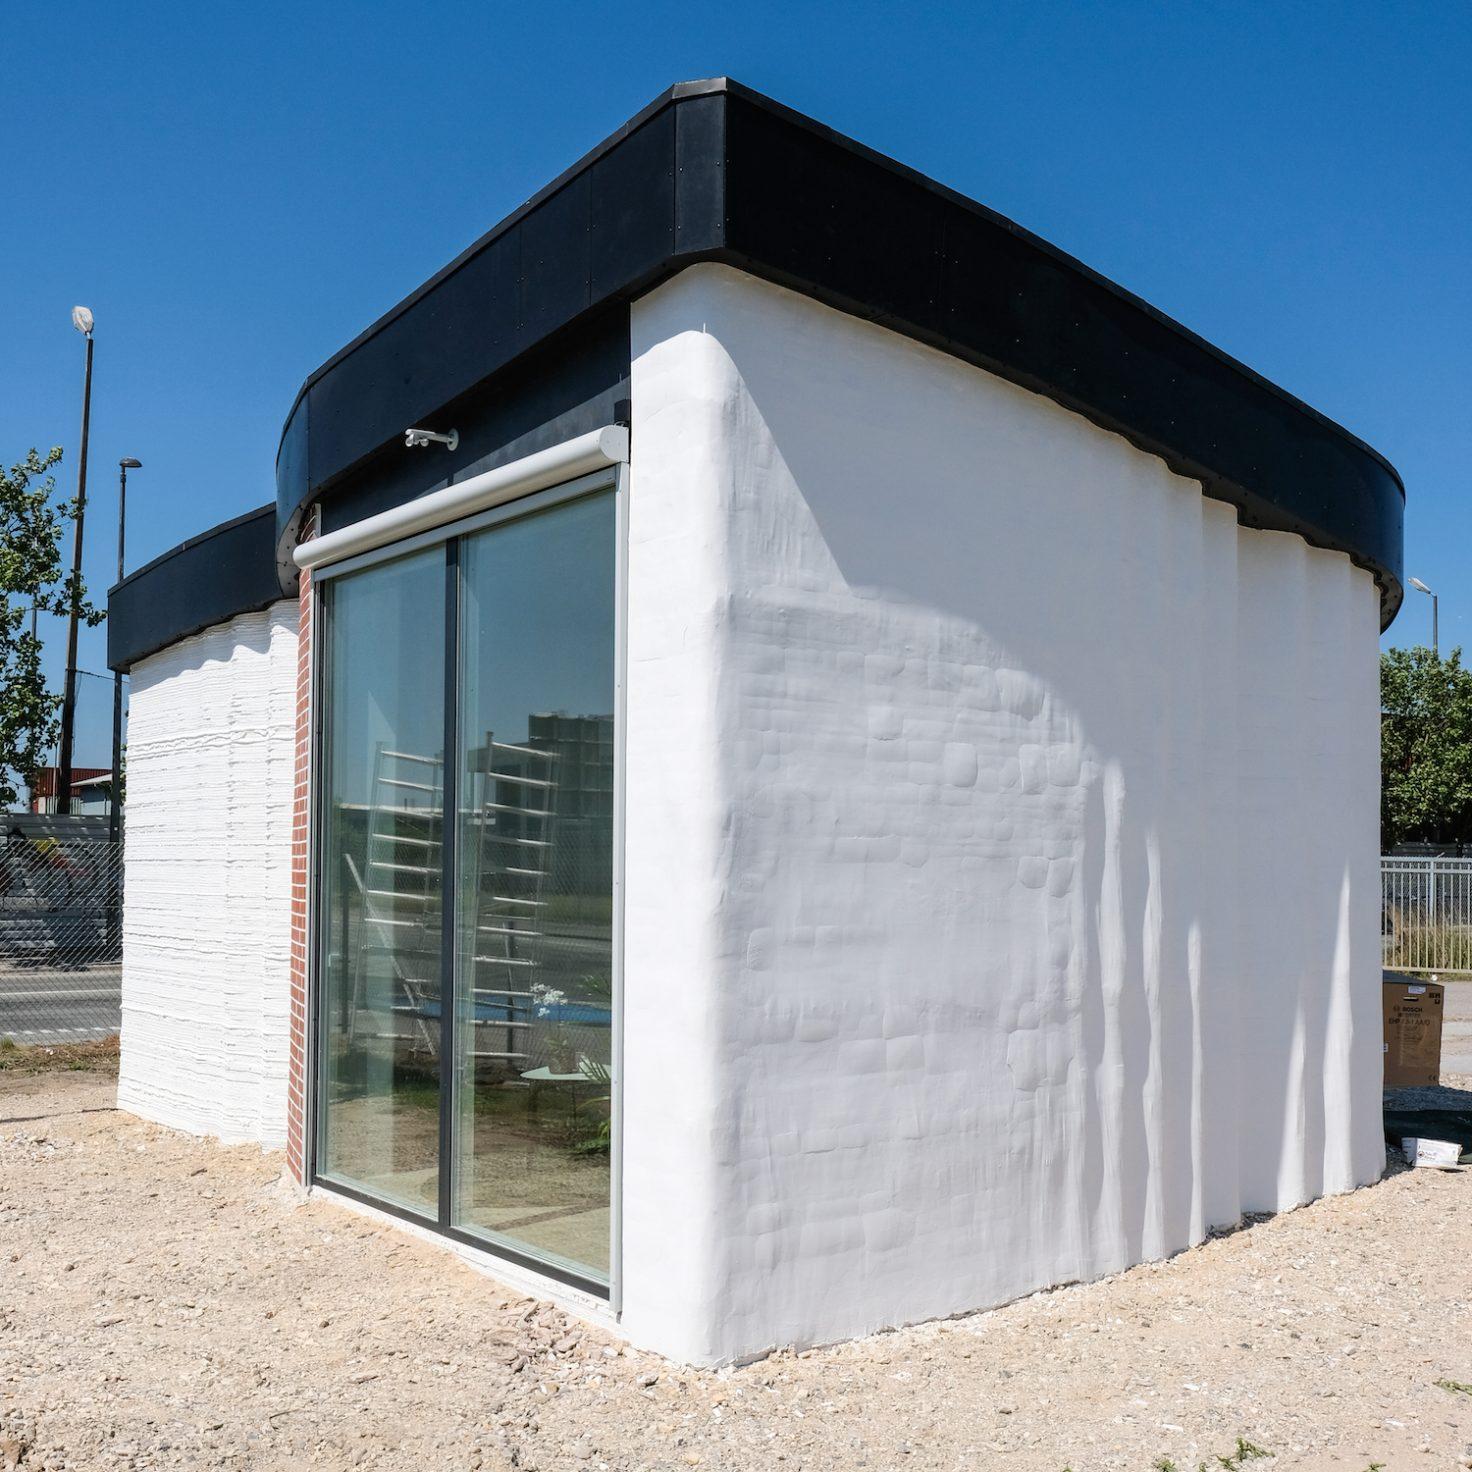 デンマークの3Dプリント建設会社がヨーロッパ初の建設許可付き3Dプリント住宅を建設